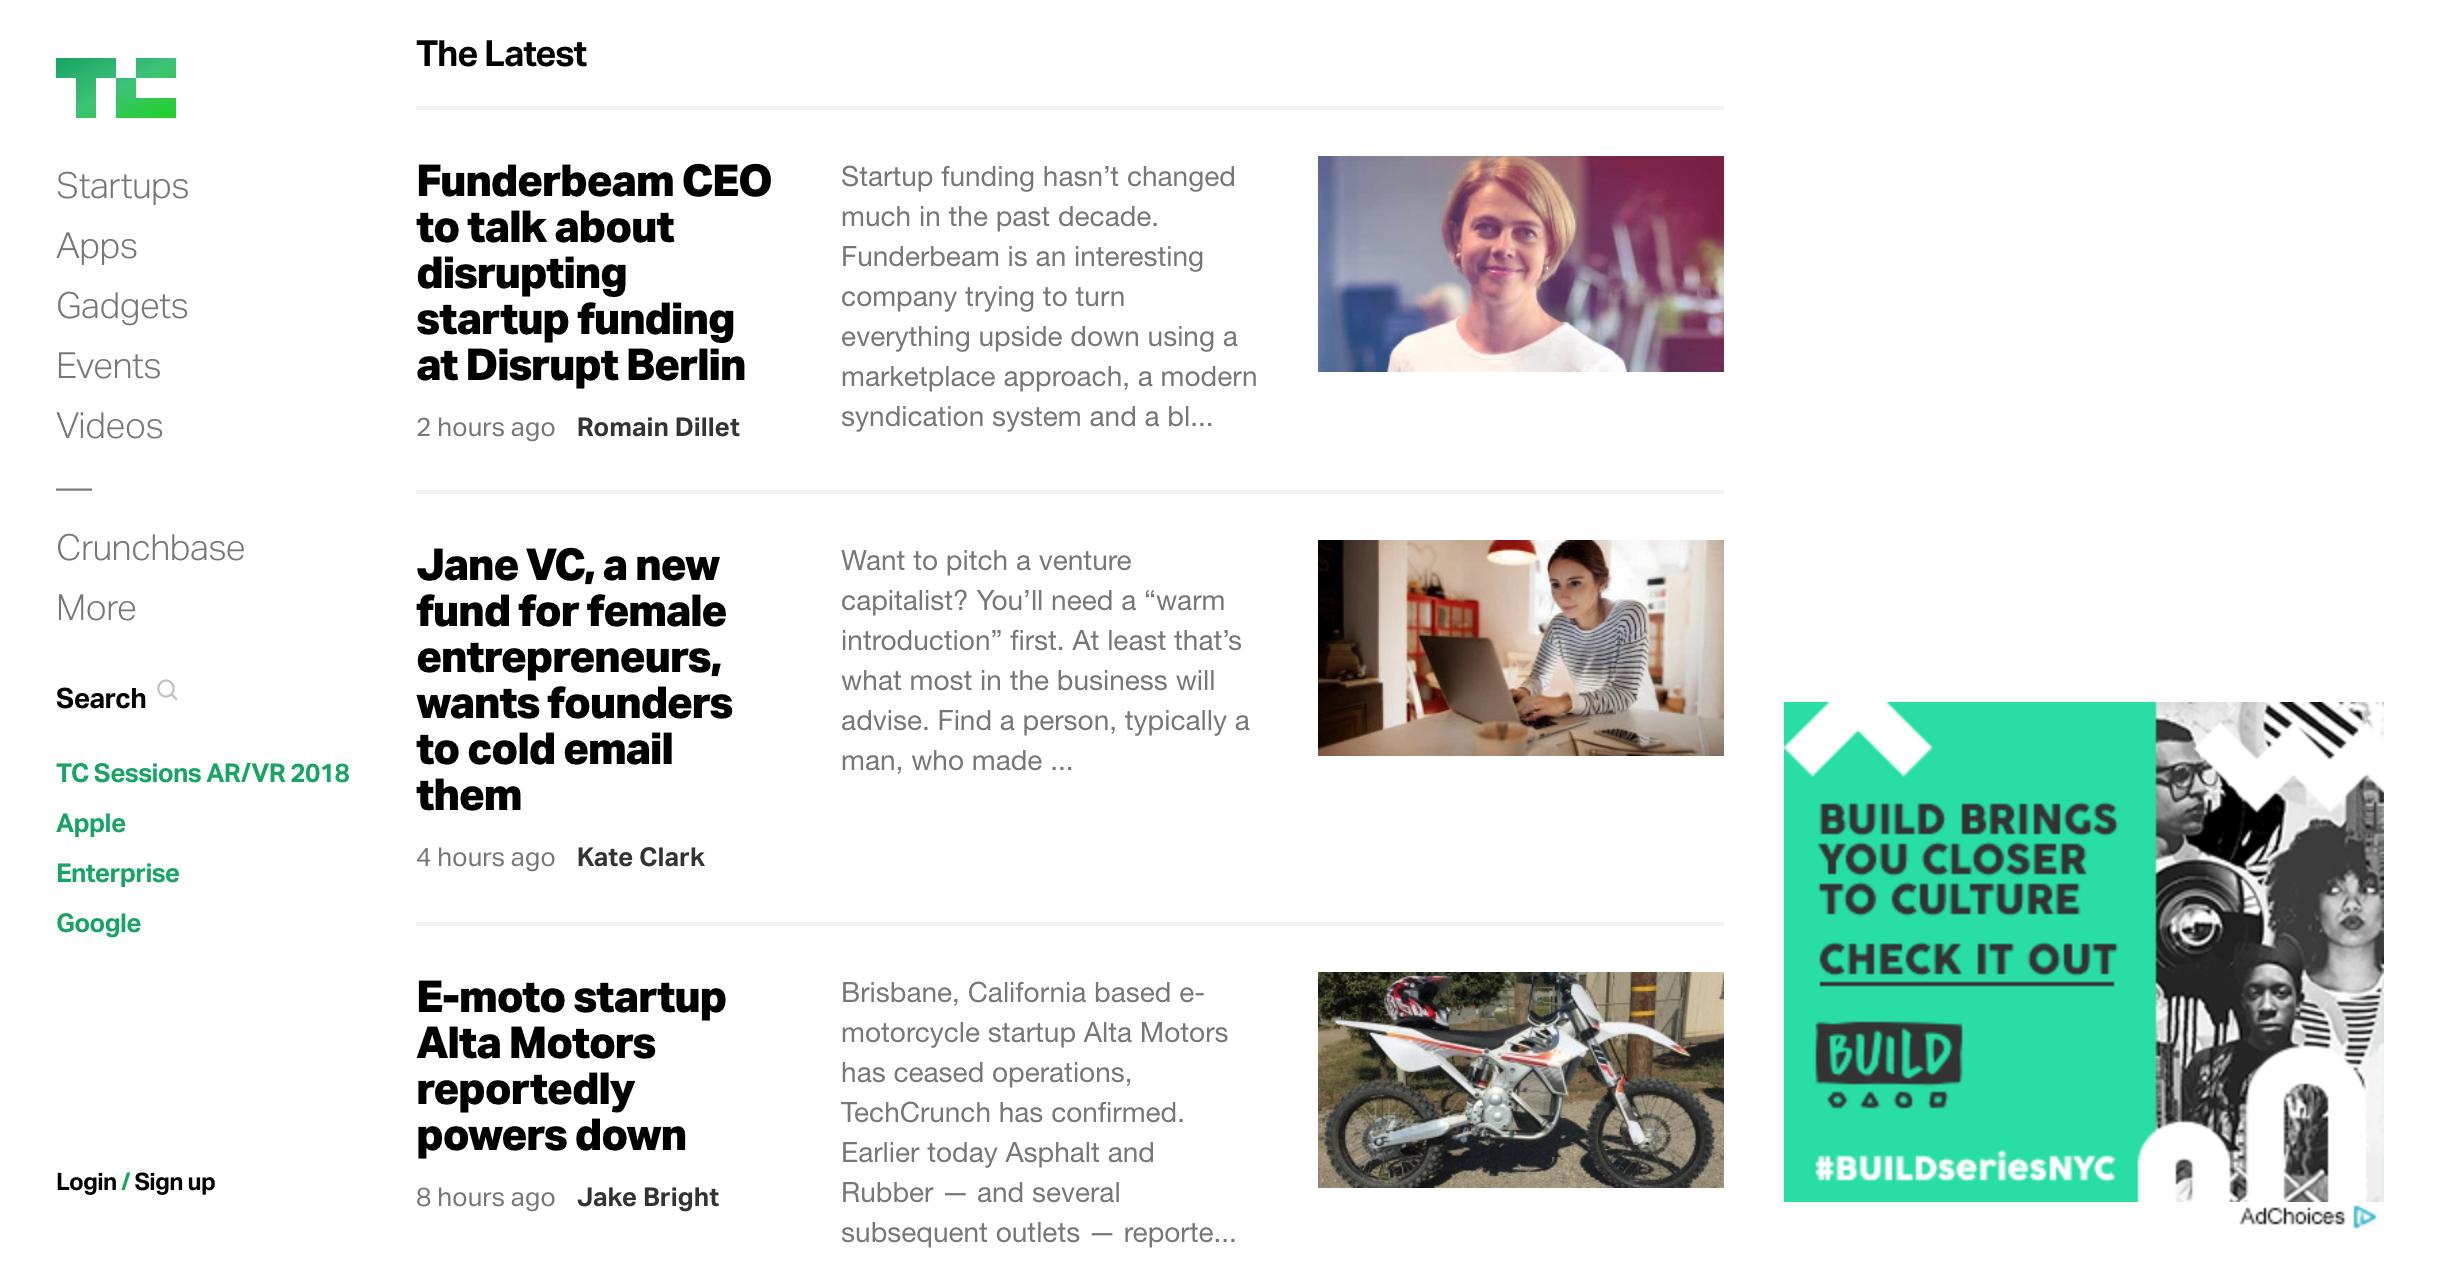 startup-conference-website-inspiration.png